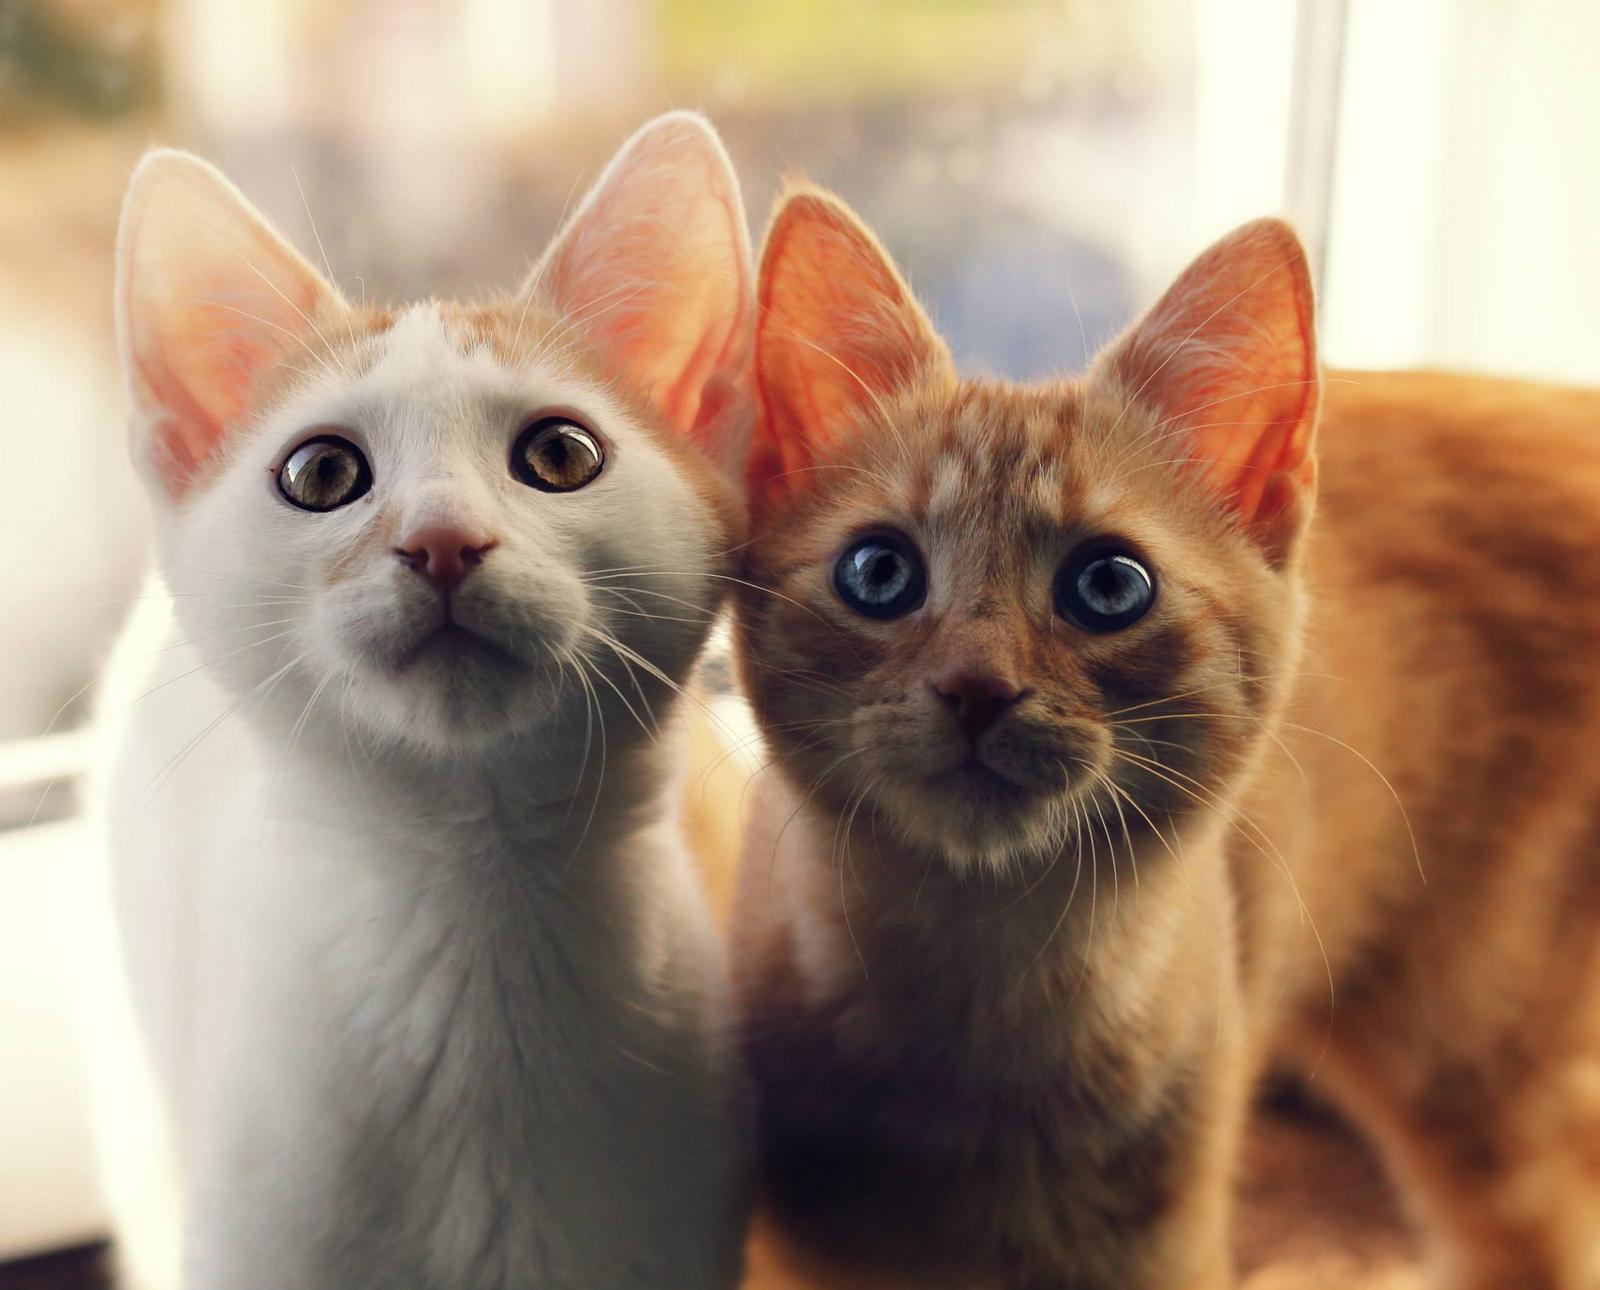 Cicoviny - mačkoviny - Fotka skupiny